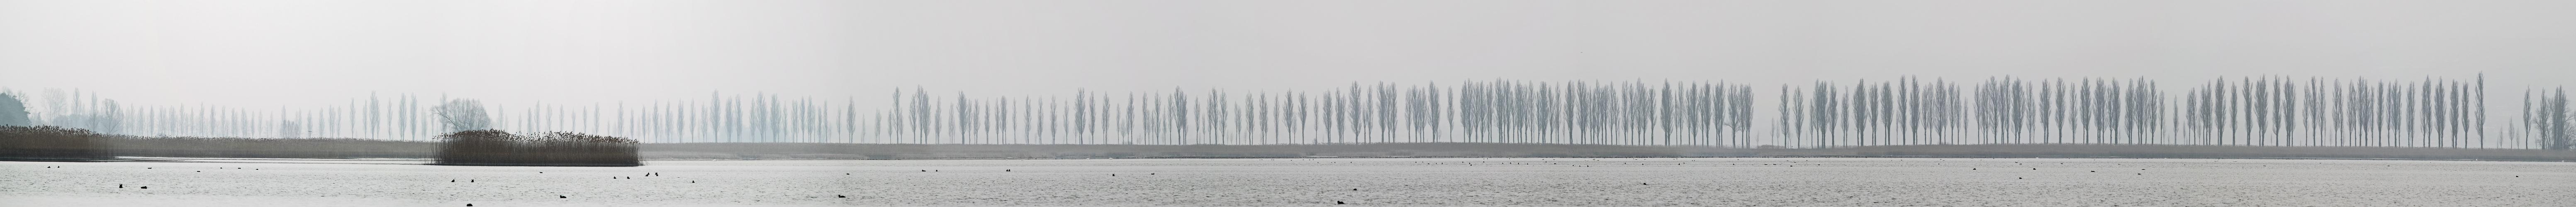 Nebel-Panorama 1